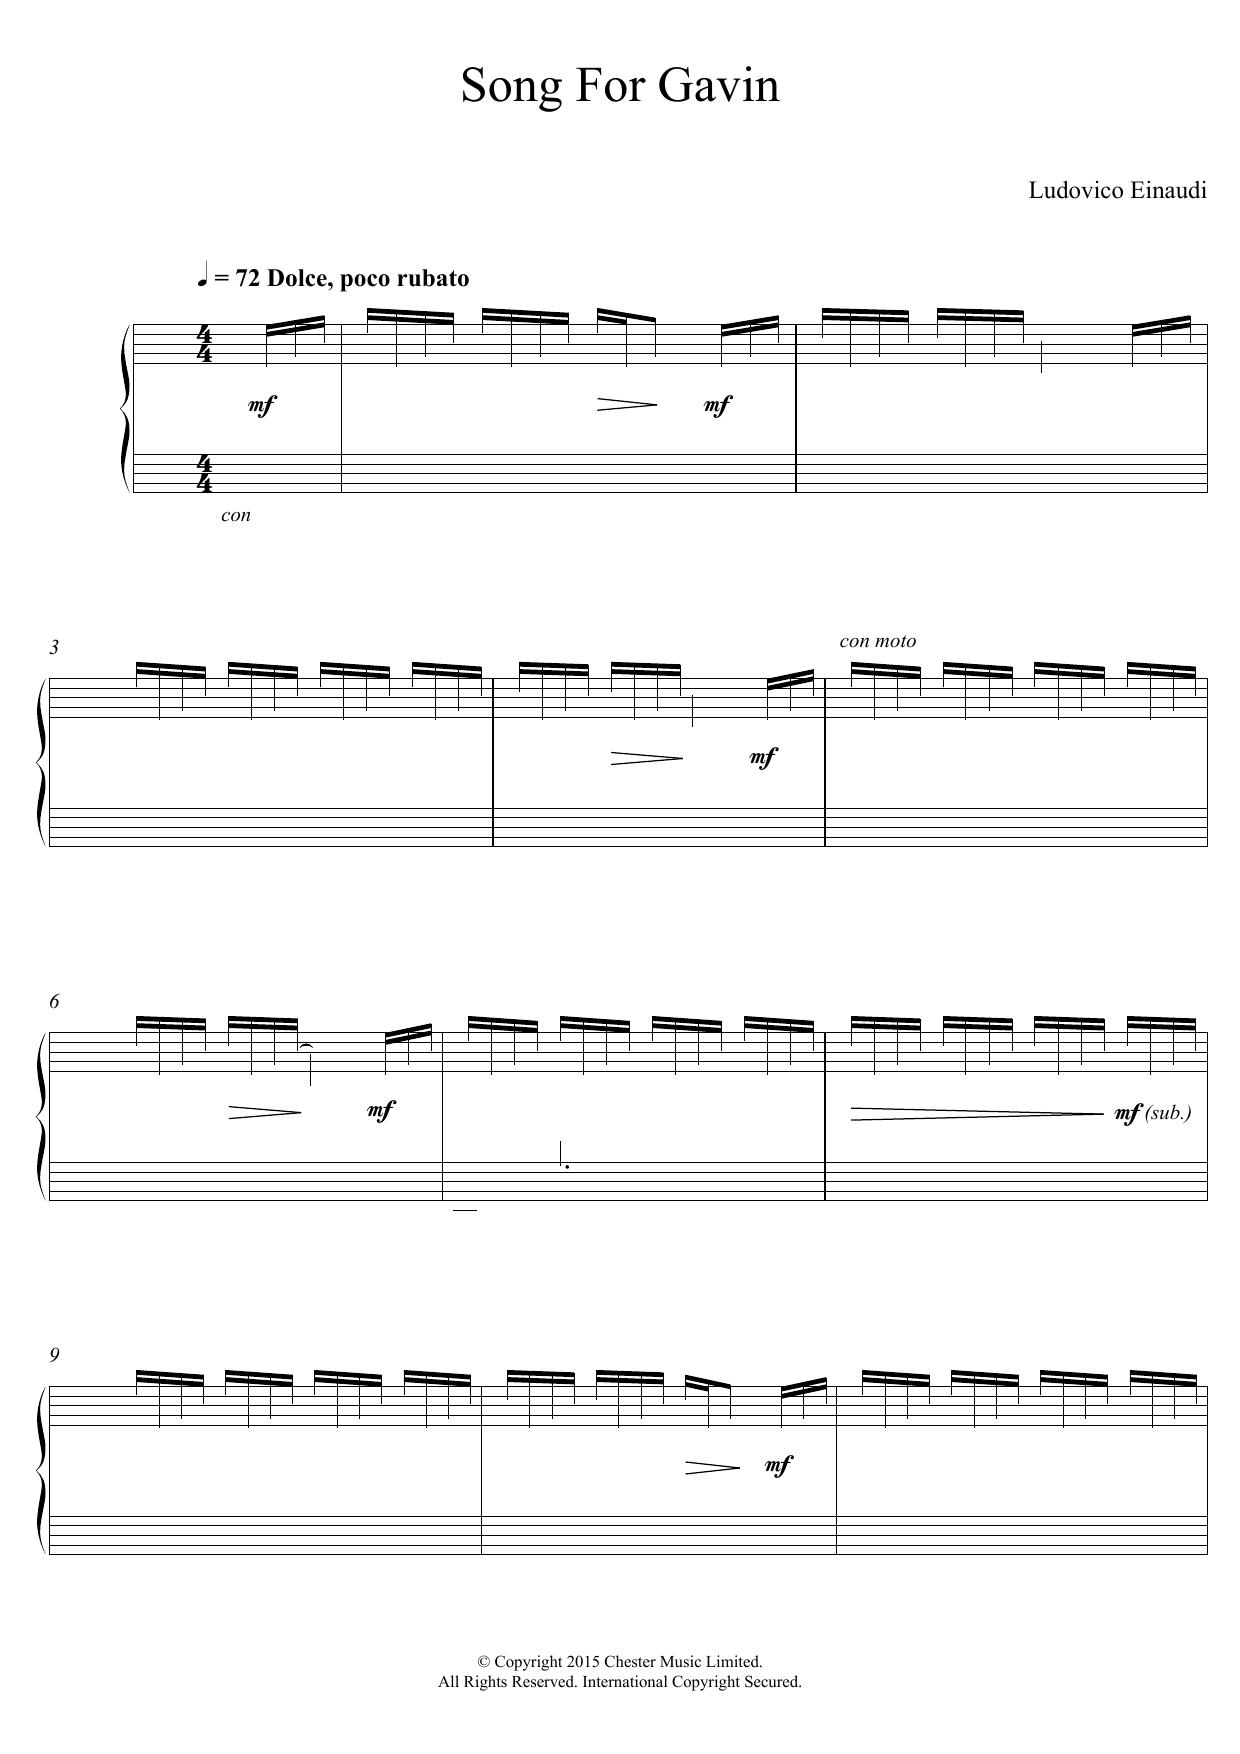 Song For Gavin Sheet Music